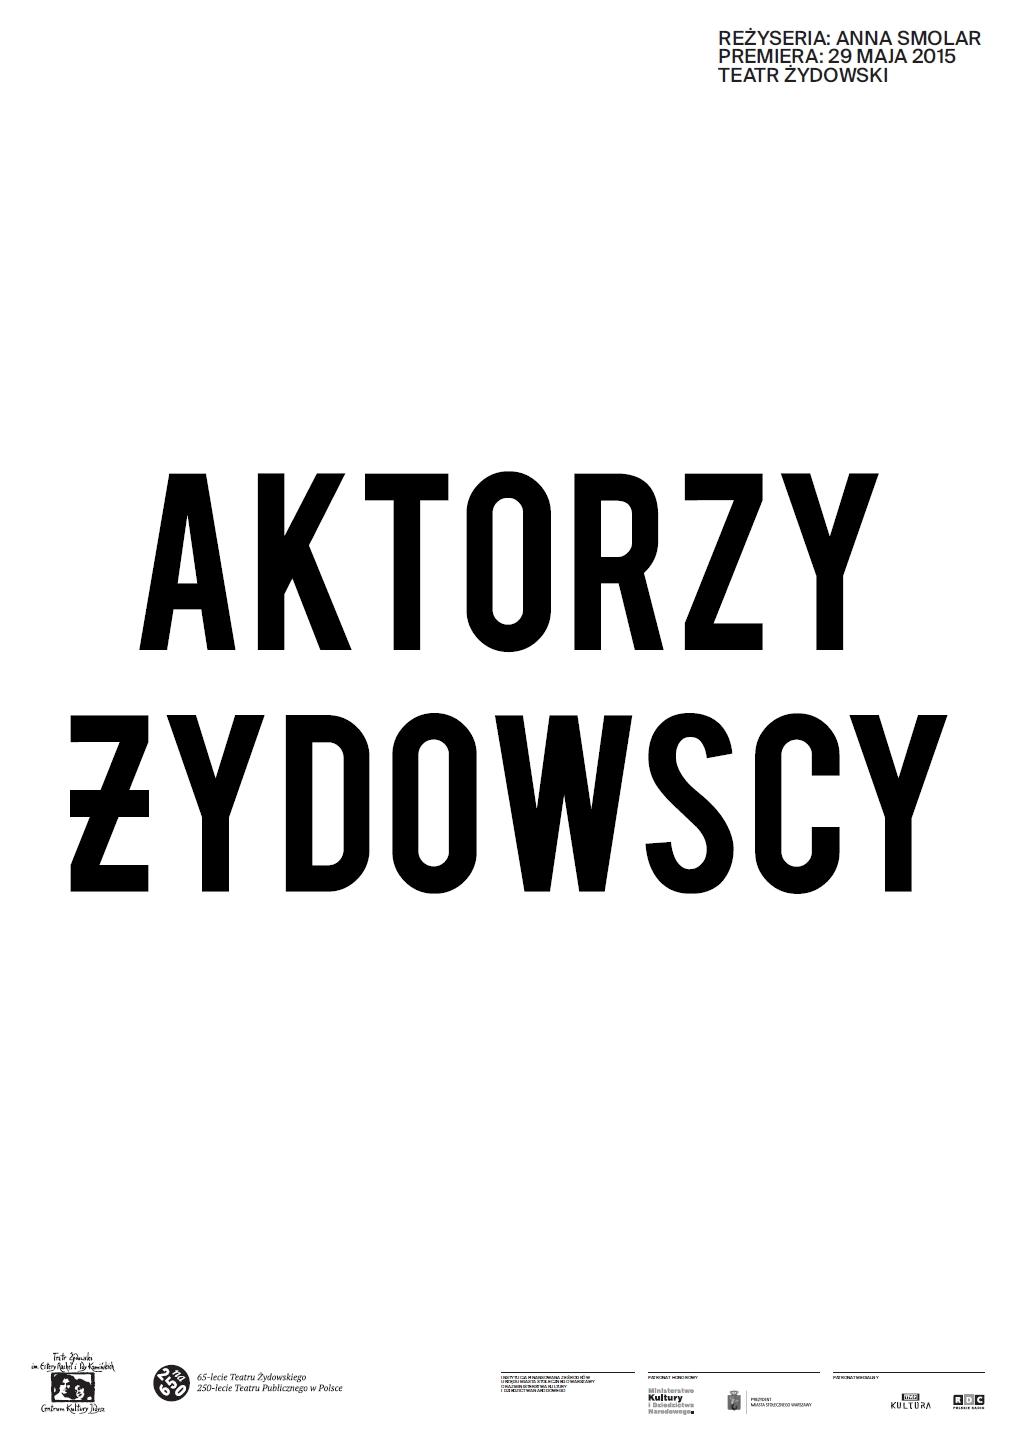 """""""Aktorzy żydowscy"""", reż. Anna Smolar (źródło: materiały prasowe teatru)"""